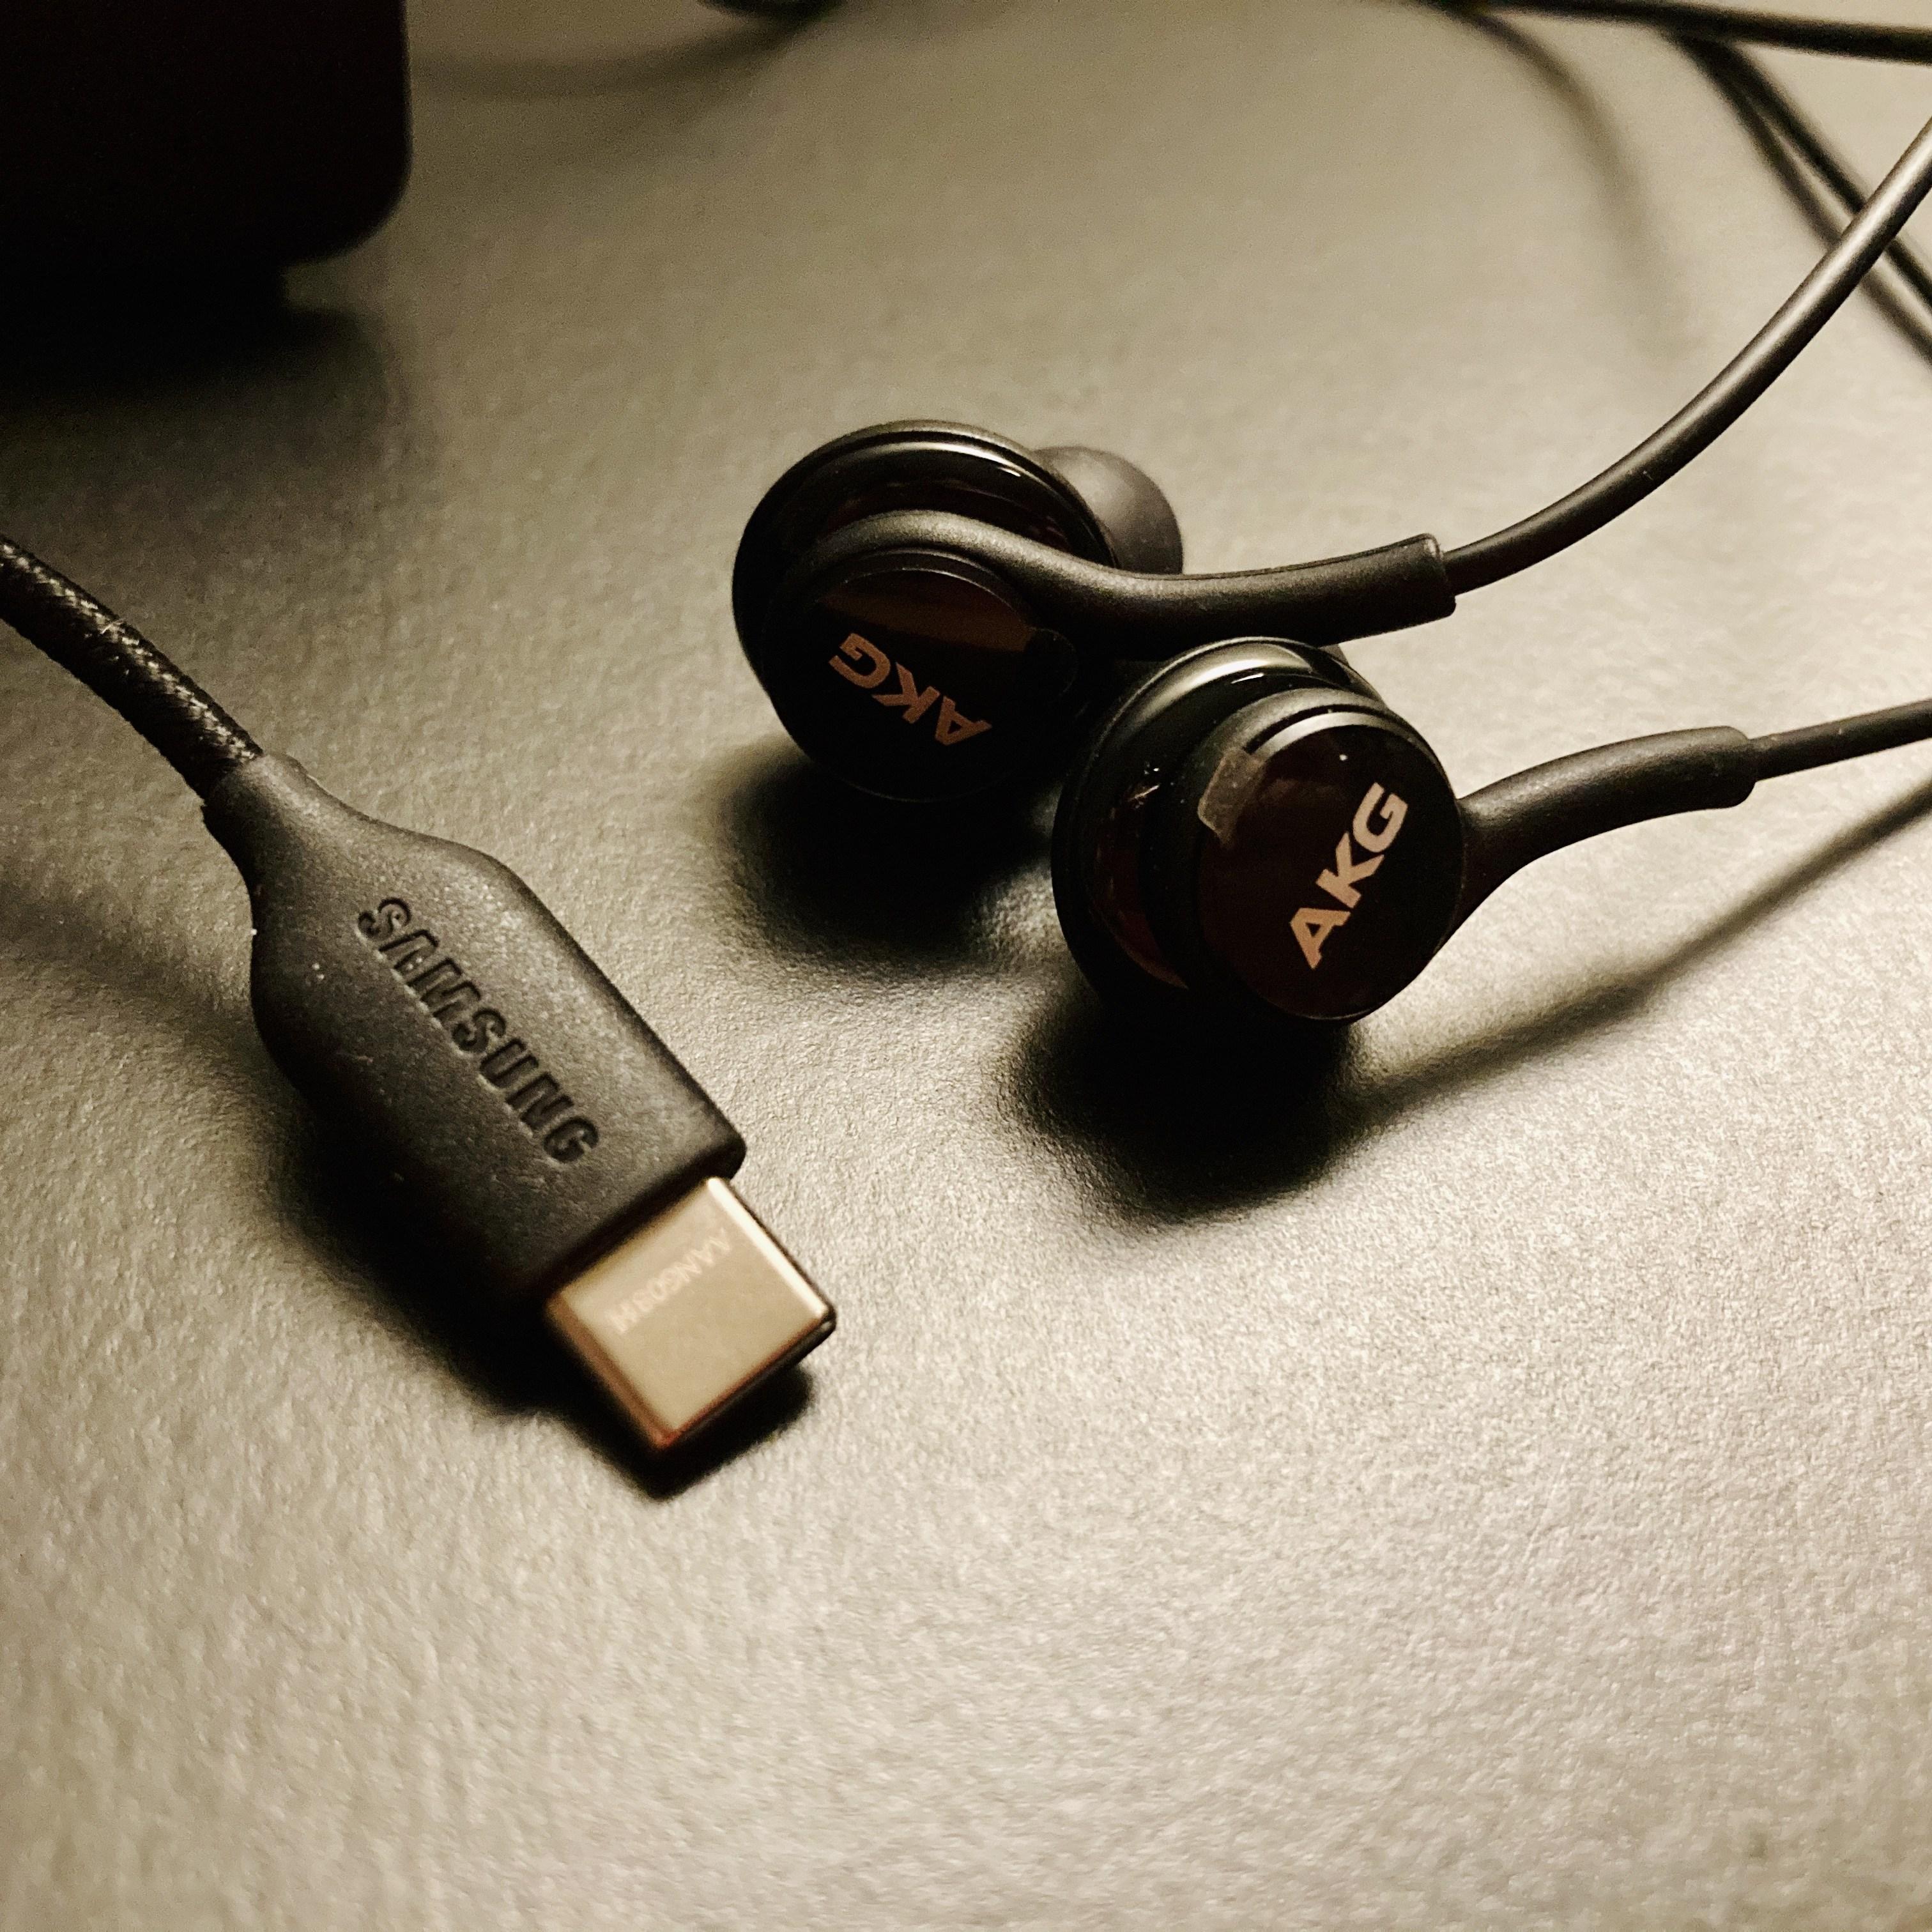 삼성 정품 AKG 이어폰 C타입 번들 유선 커널형 갤럭시 S20 S21 노트10, 블랙